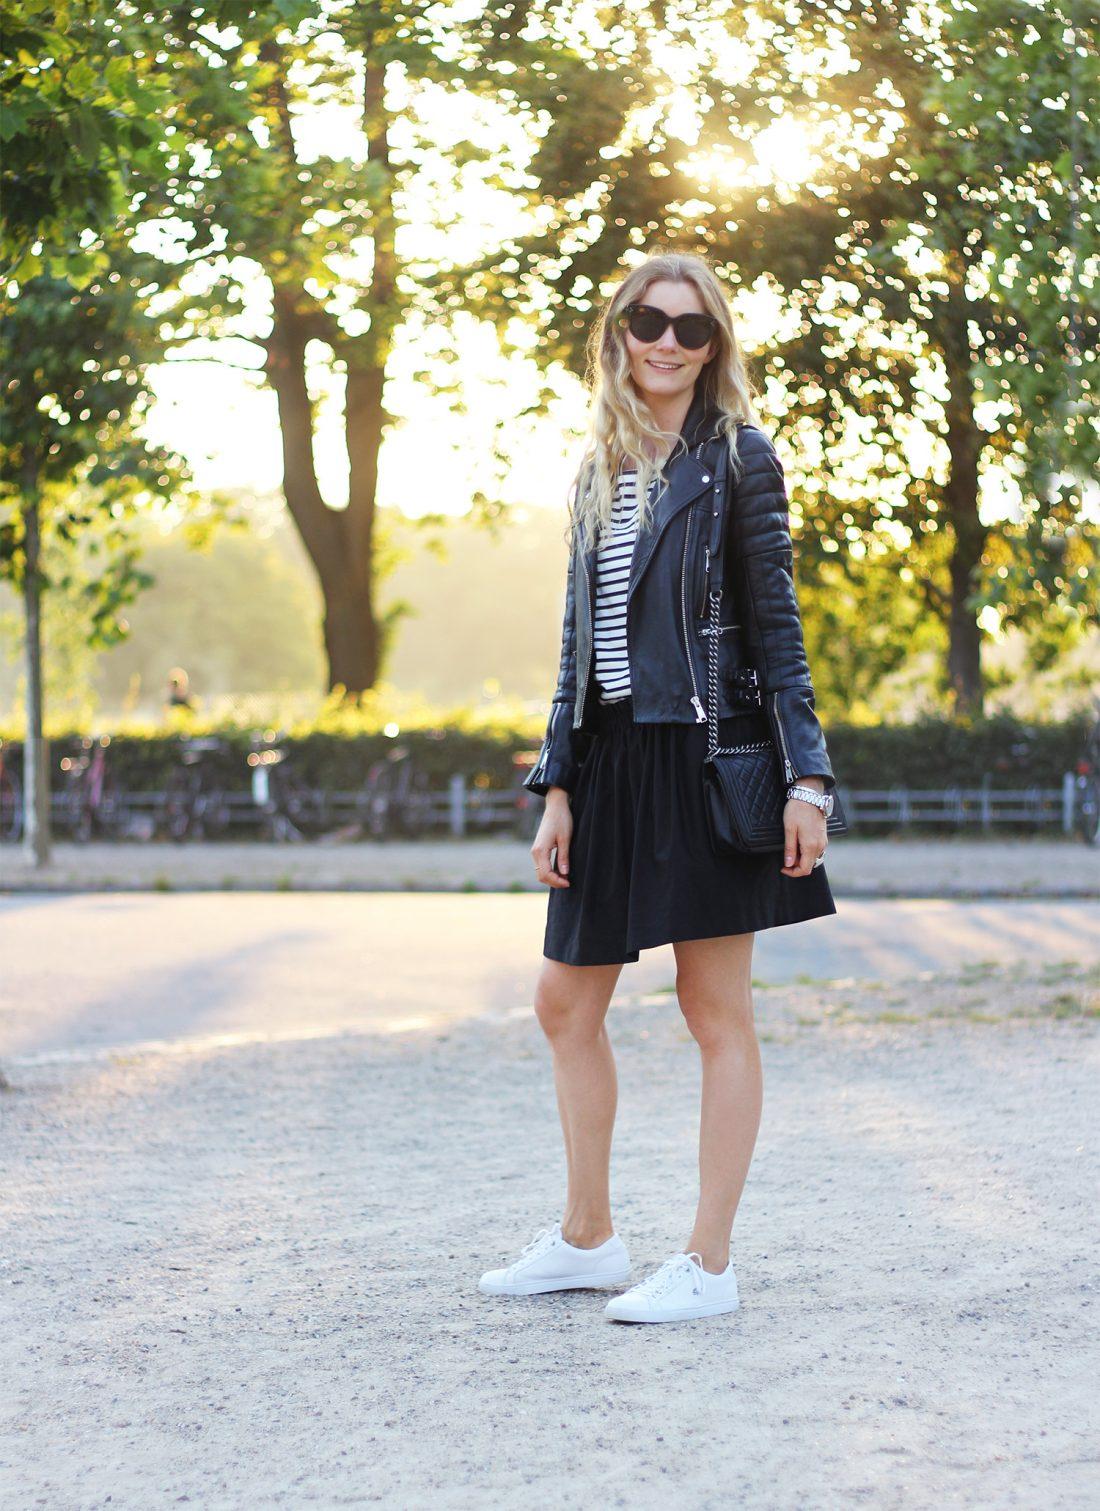 skater-skirt@2x.jpg